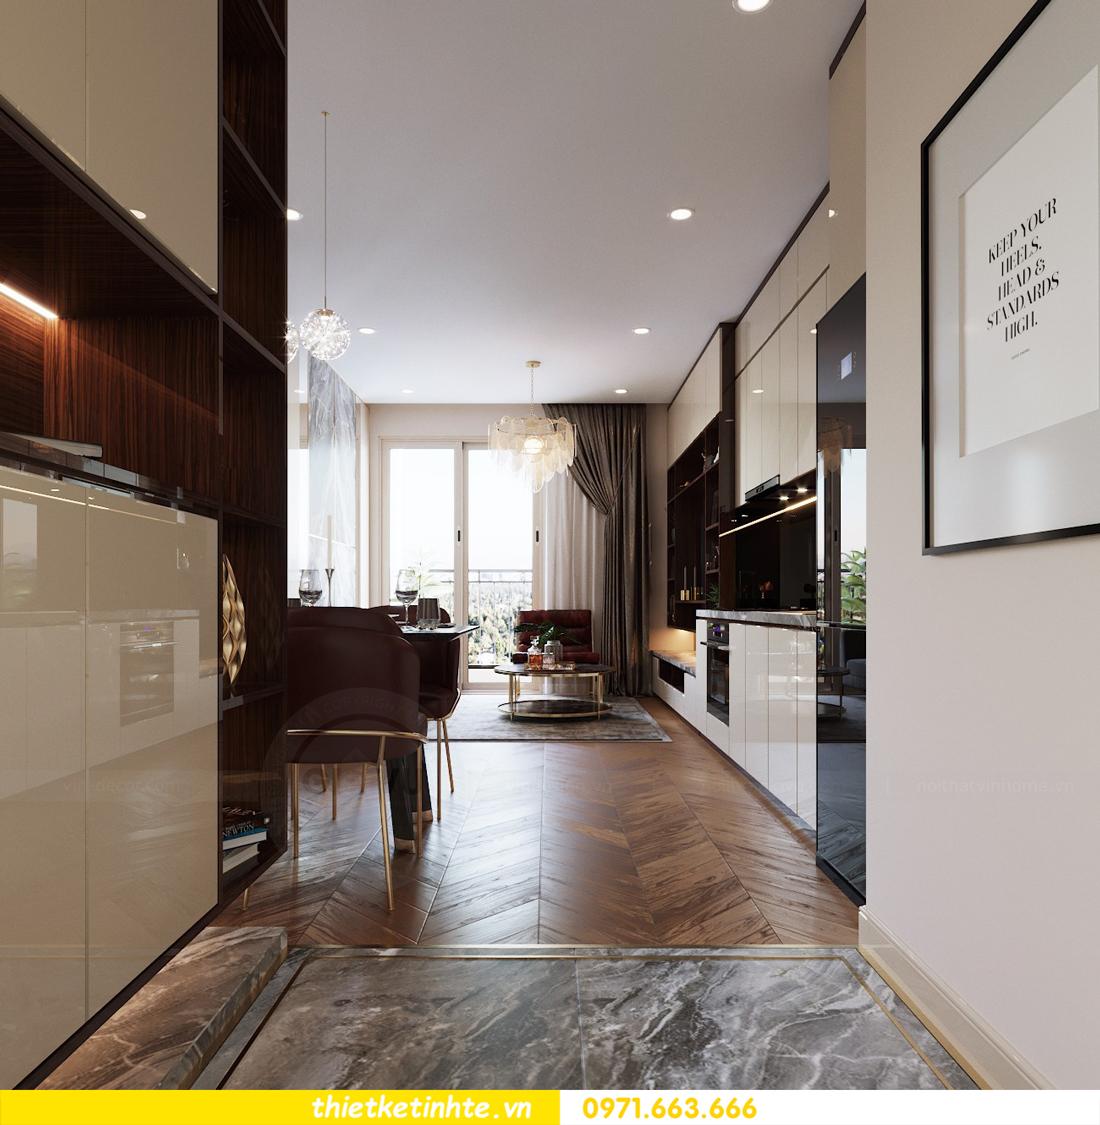 nên chọn lát sàn gỗ hay sàn nhựa cho căn hộ chung cư 1